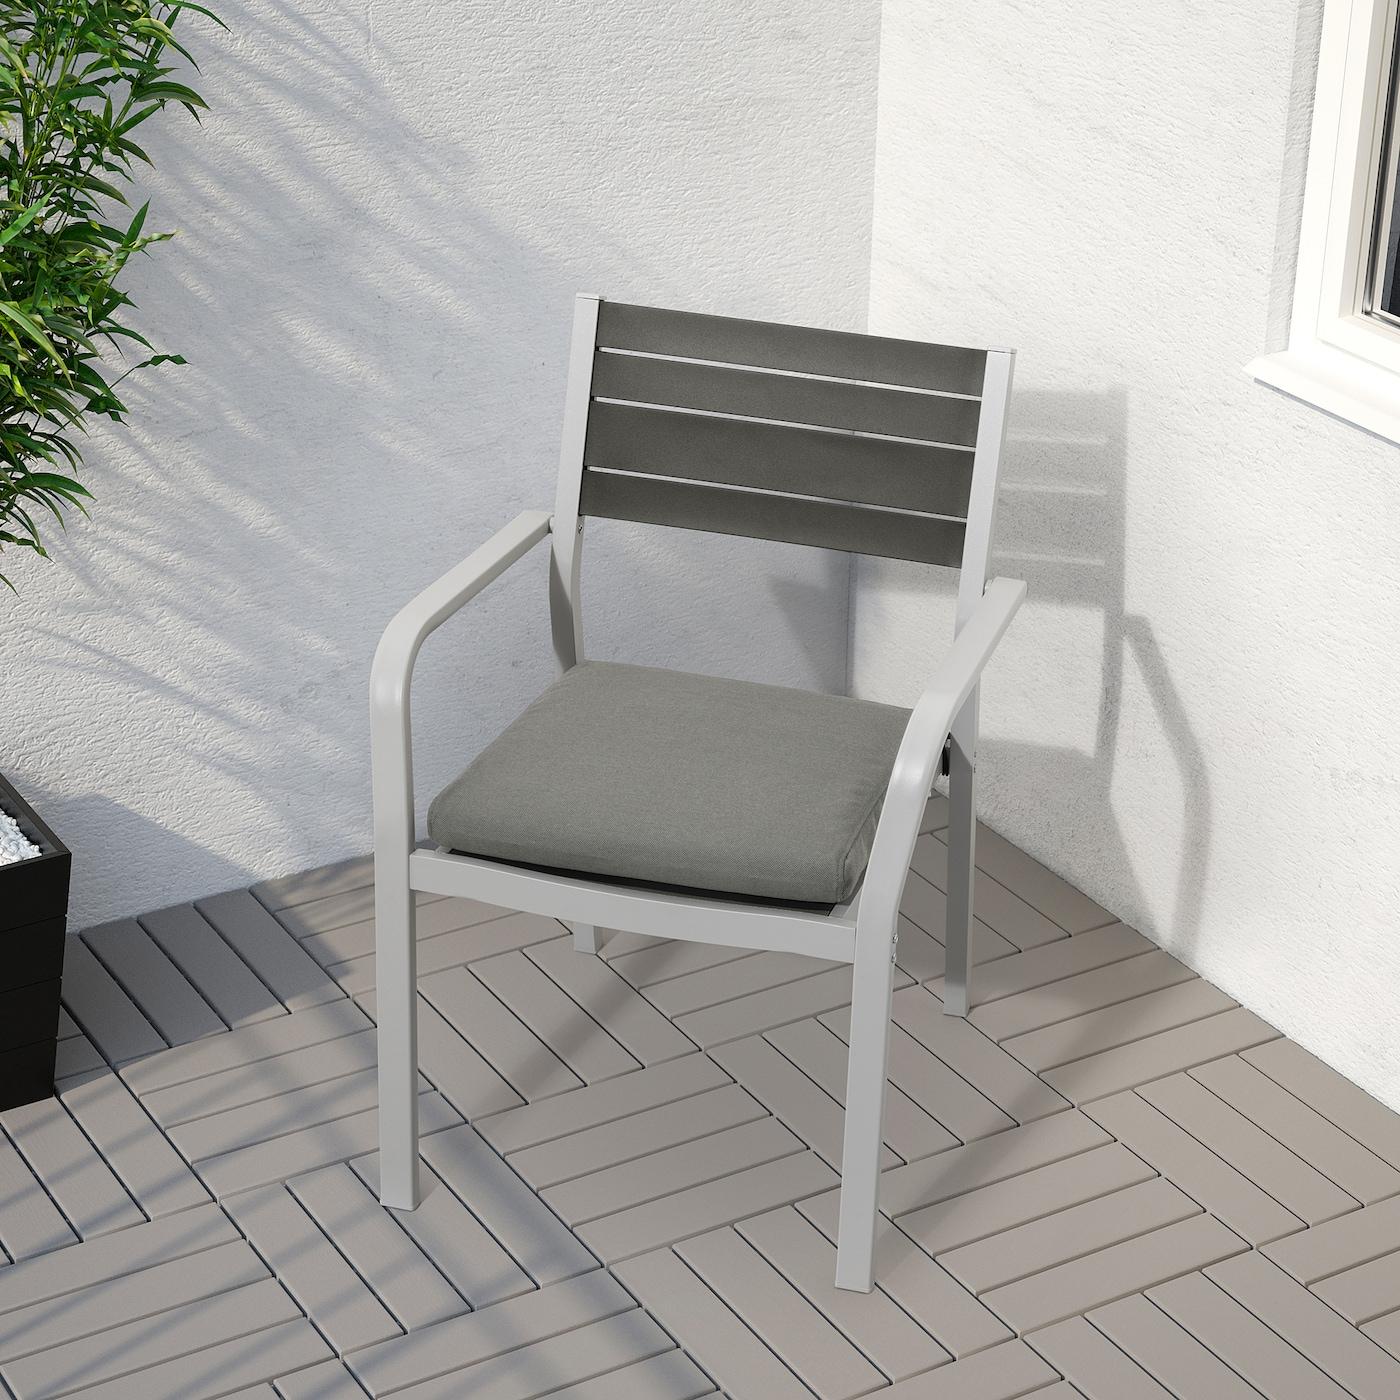 SJÄLLAND Sedia con braccioli da giardino grigio chiaro, grigio scuro